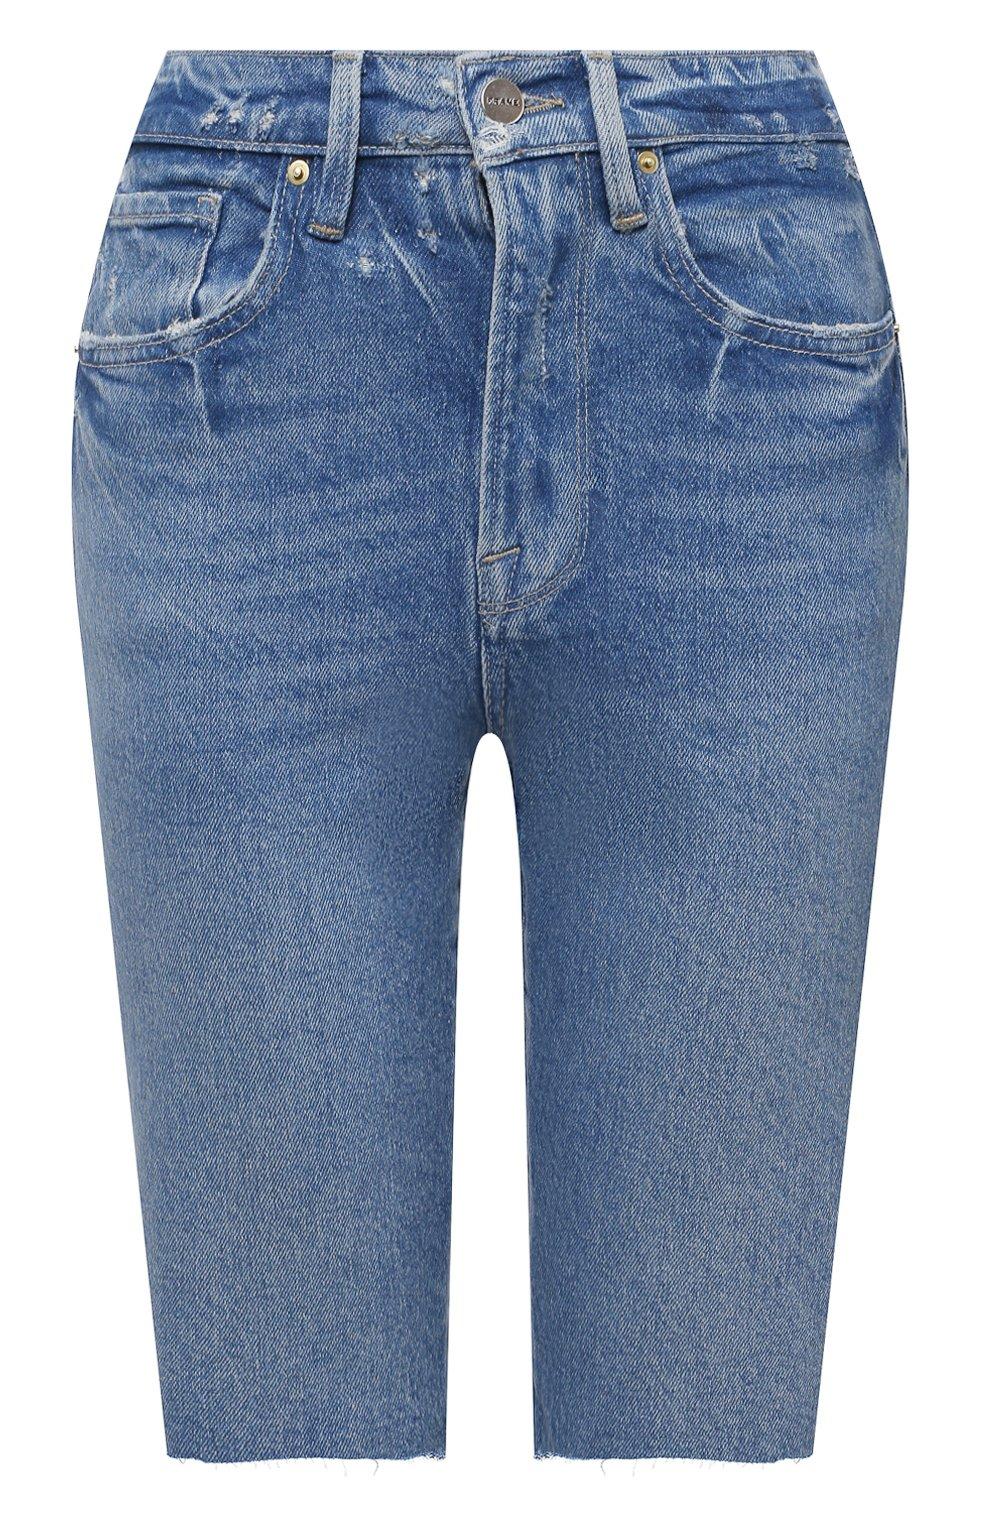 Женские джинсовые шорты FRAME DENIM синего цвета, арт. LVBSHRA118   Фото 1 (Женское Кросс-КТ: Шорты-одежда; Кросс-КТ: Деним; Материал внешний: Хлопок, Лиоцелл, Деним; Стили: Спорт-шик; Длина Ж (юбки, платья, шорты): До колена)